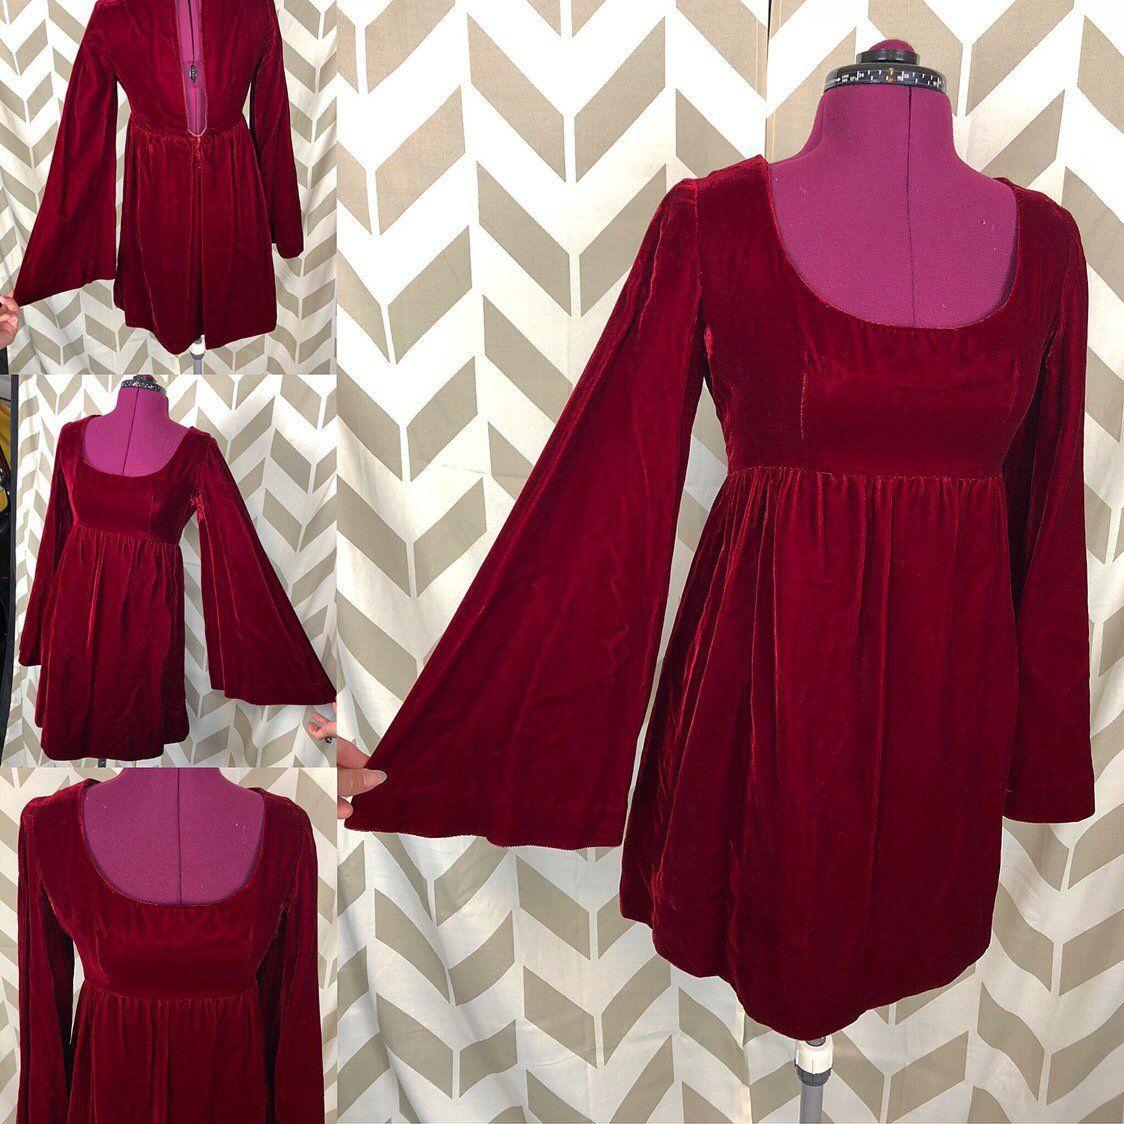 60s Red Velvet Dress Babydoll Dress Gogo Dress Boho Etsy Velvet Dress 60s Velvet Dress Disco Dress